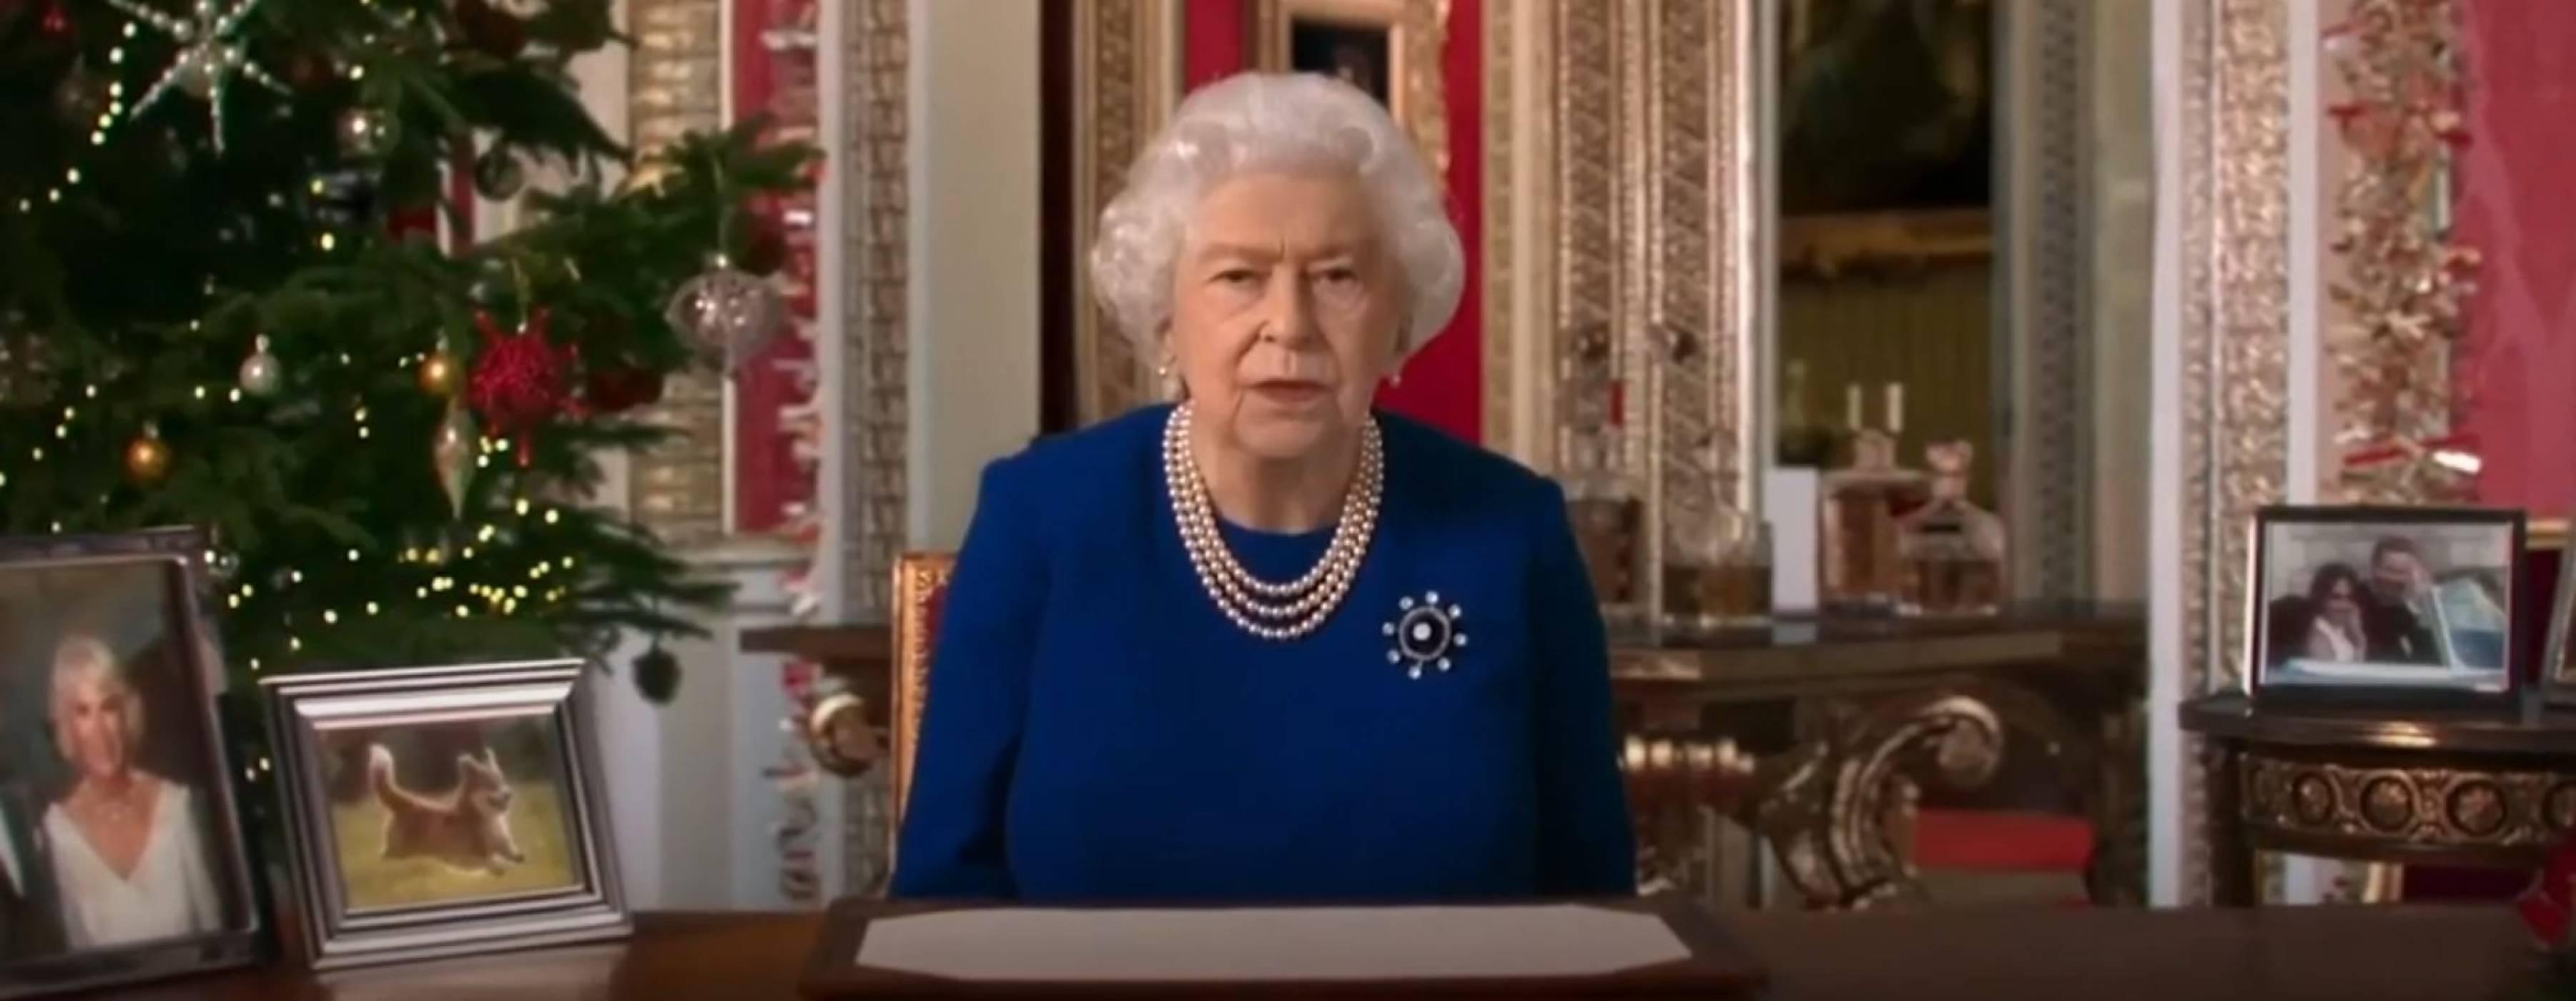 Deepfake на кралица Елизабет II ни кара да се замислим за бъдещето на AI (ВИДЕО)